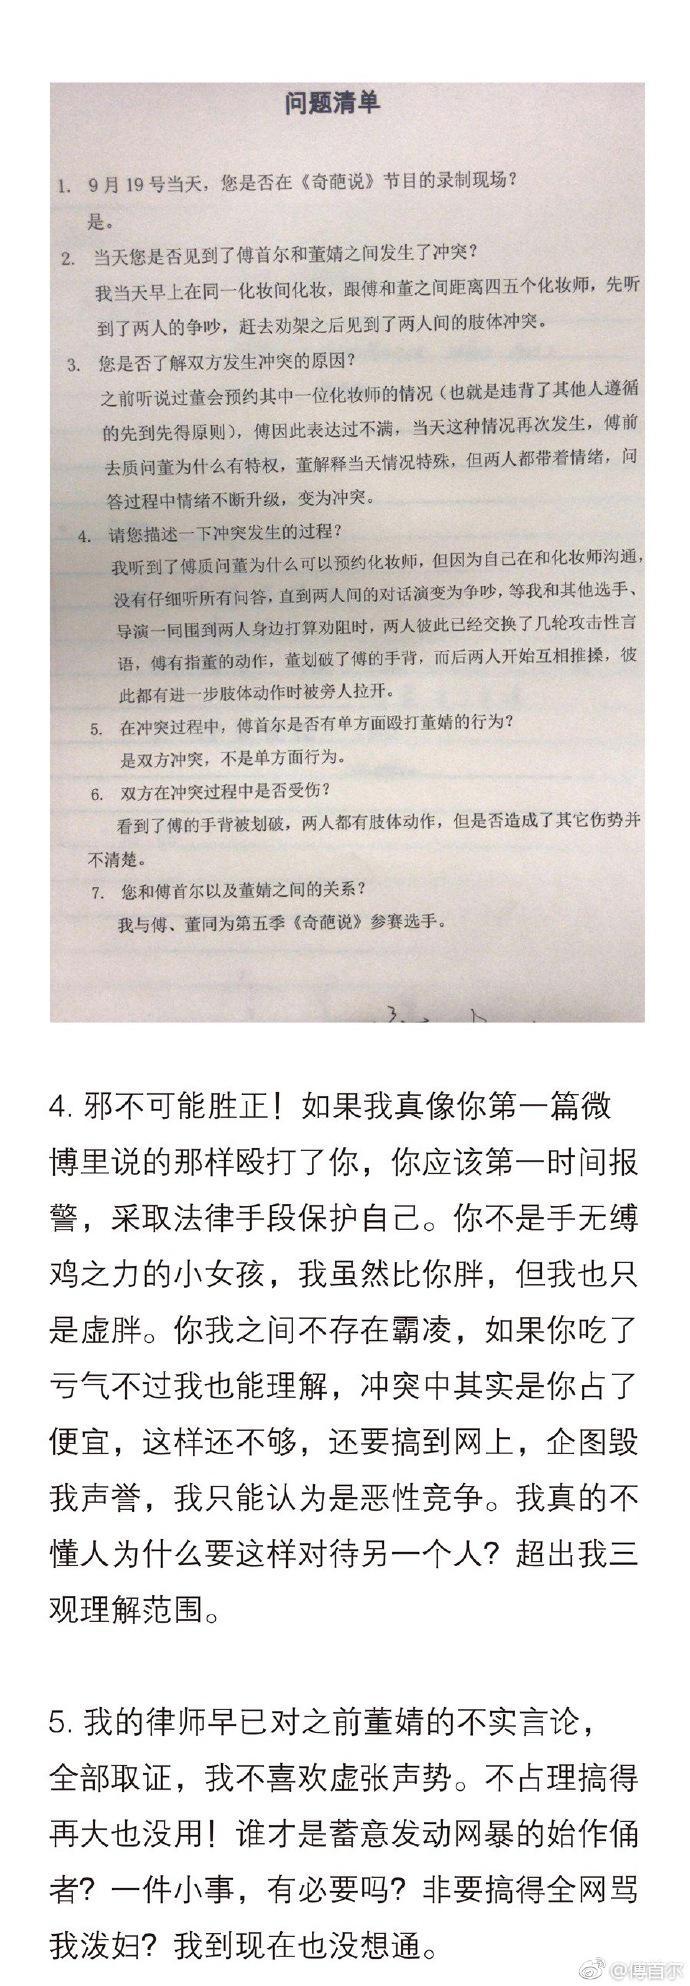 傅首尔晒受伤照开撕:董婧损害我名誉 律师已取证